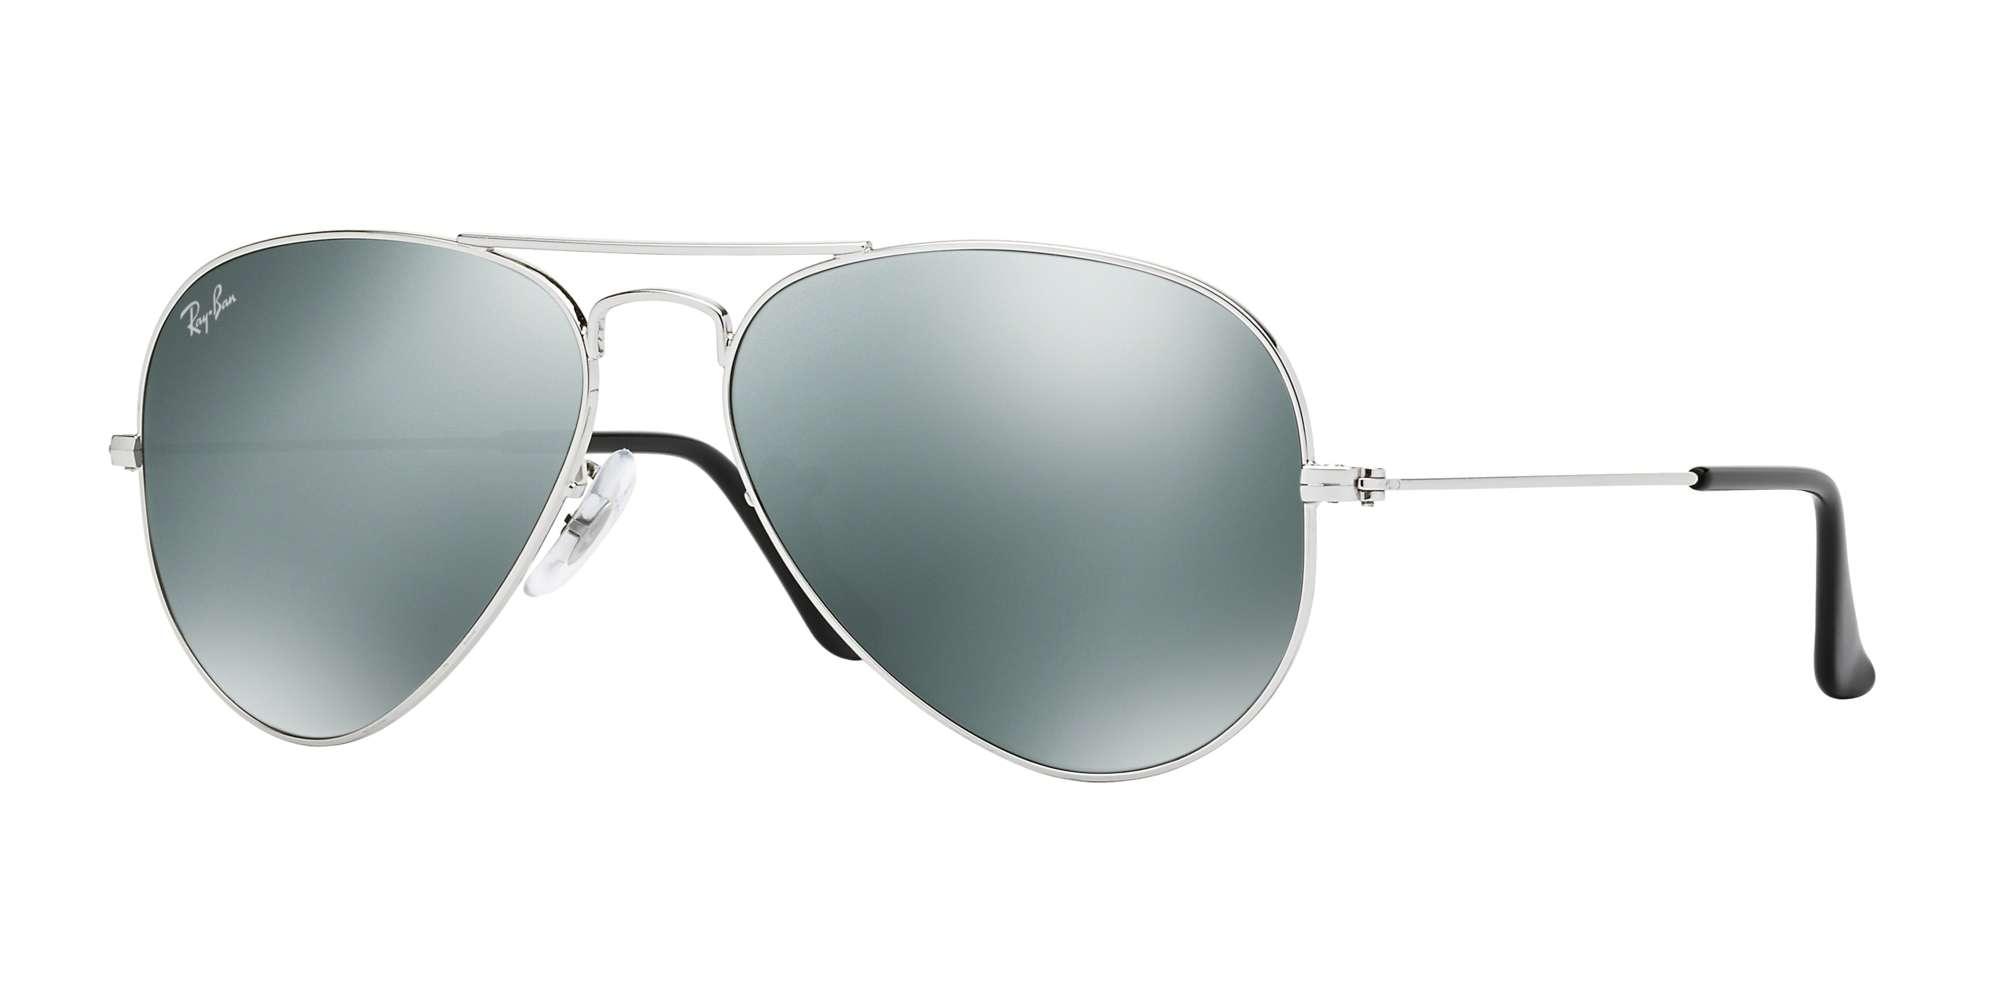 SILVER / CRYSTAL GREY MIRROR lenses